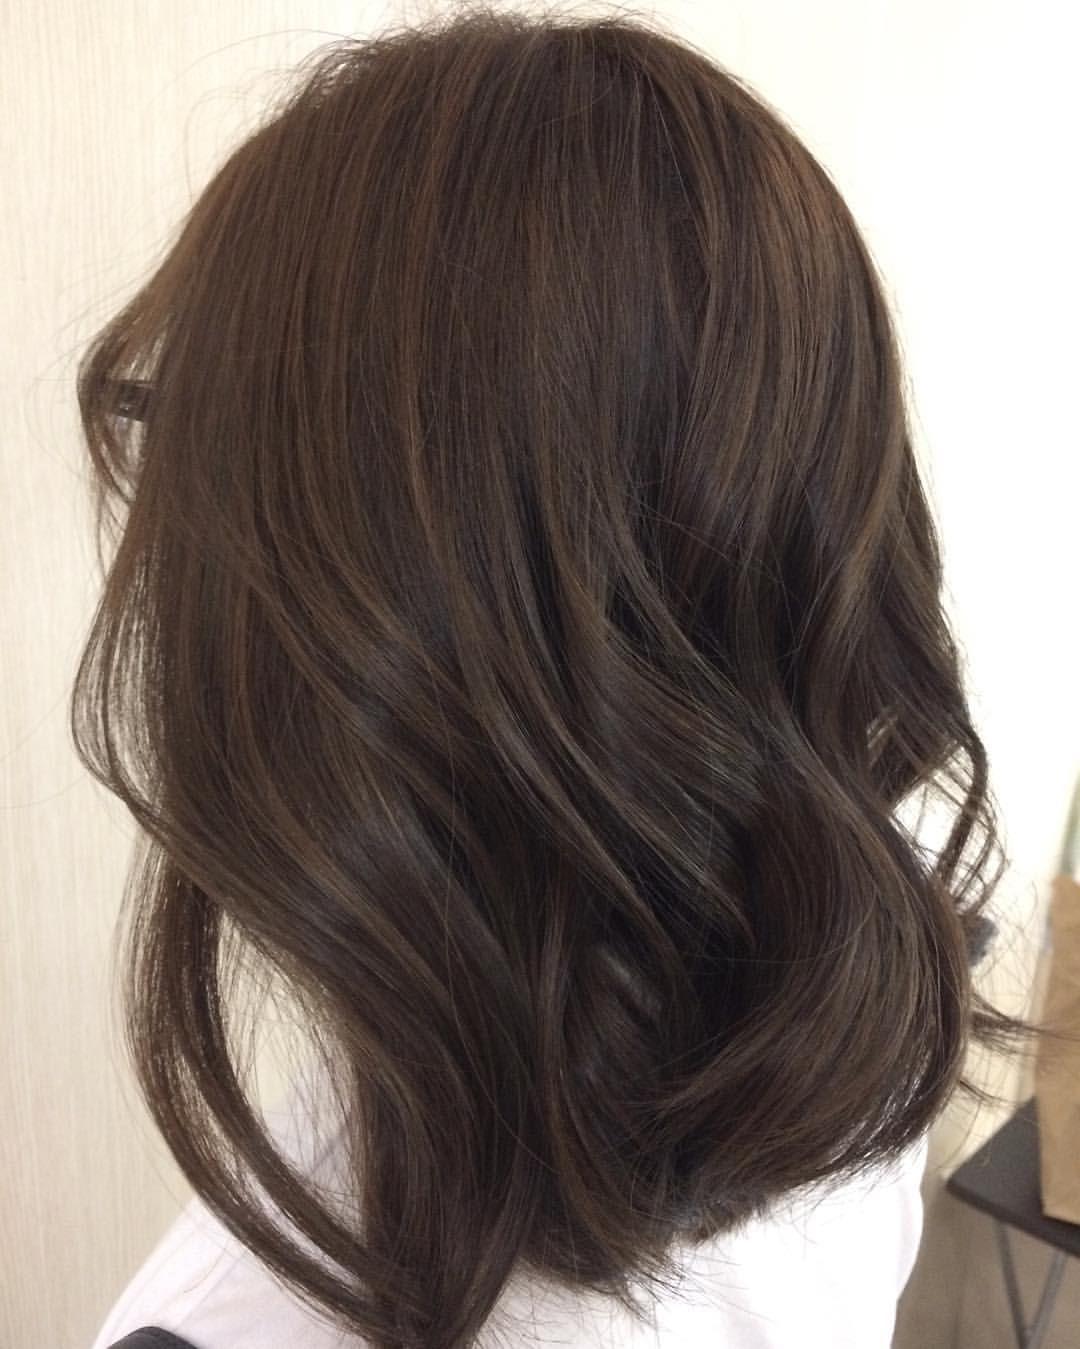 ярко холодный темно коричневый цвет волос фото неудивительно, ведь